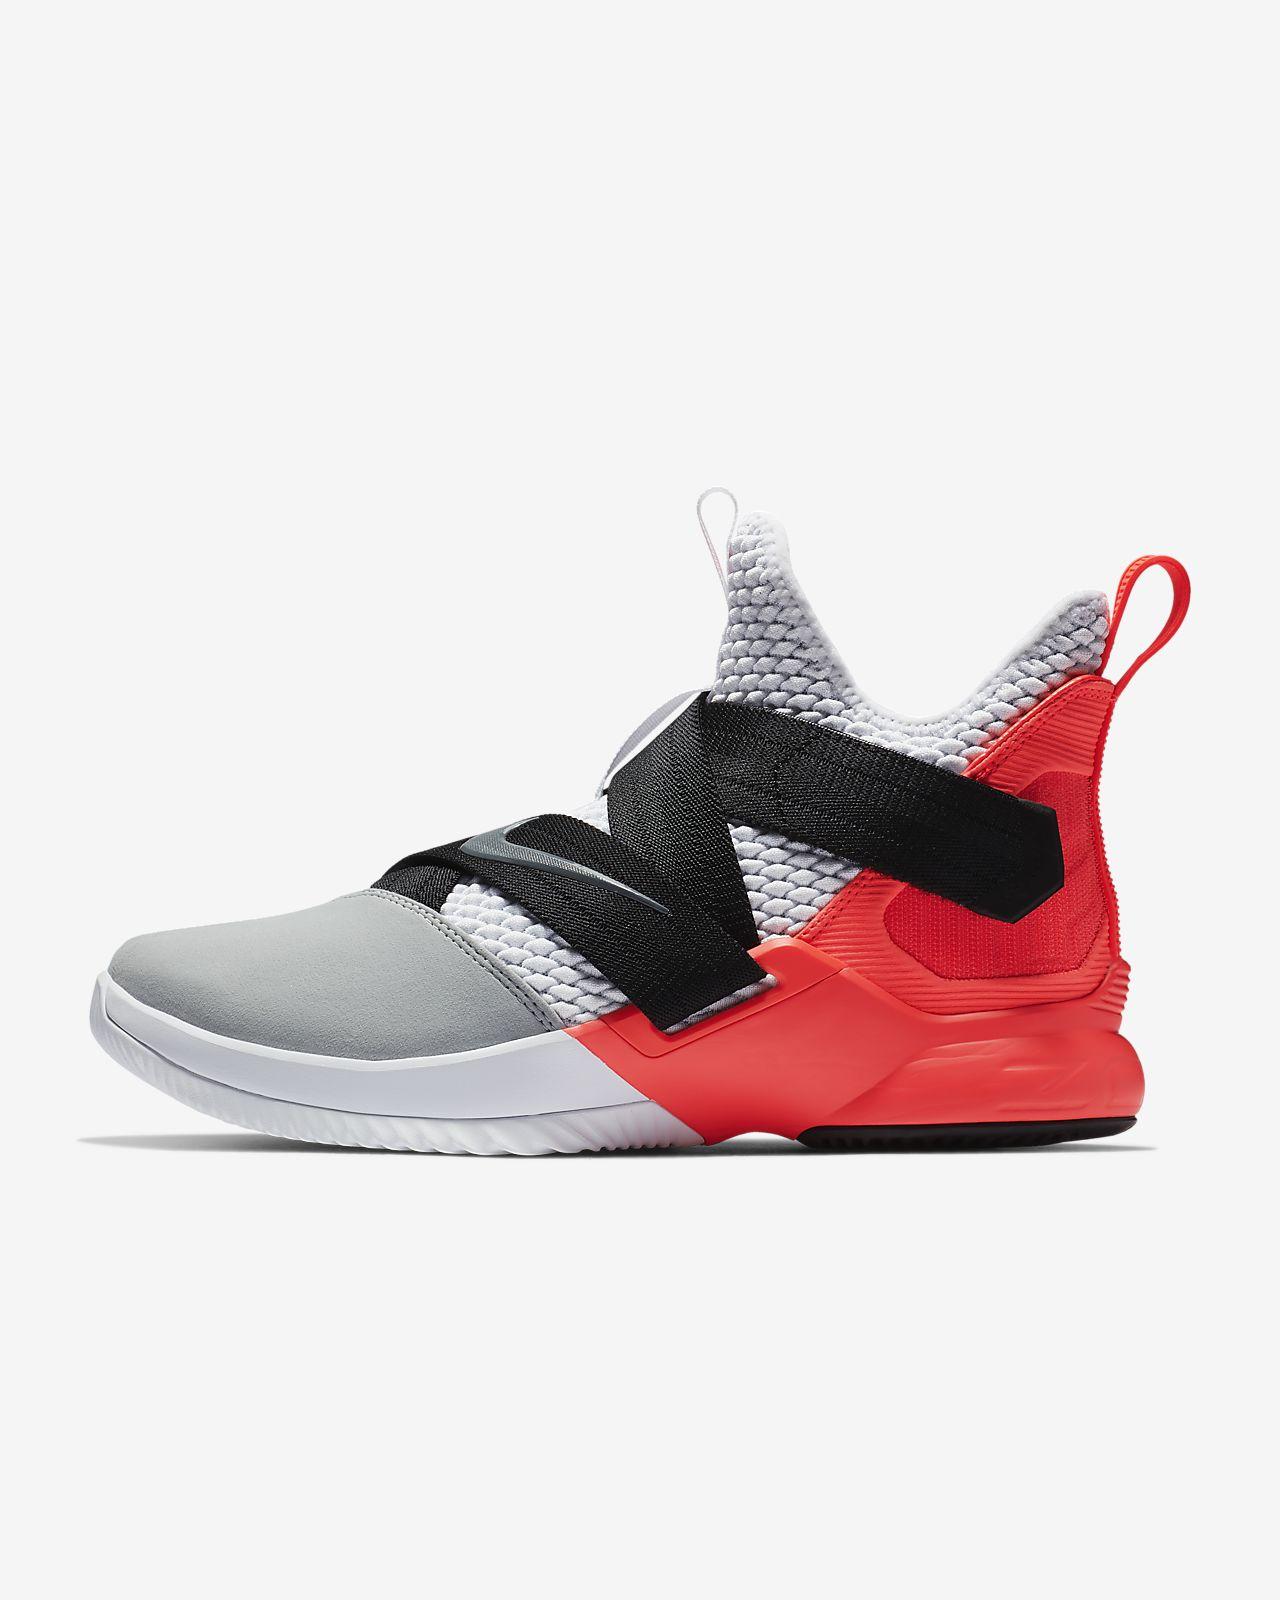 6d2b71076506 Баскетбольные кроссовки LeBron Soldier 12 SFG. Nike.com RU